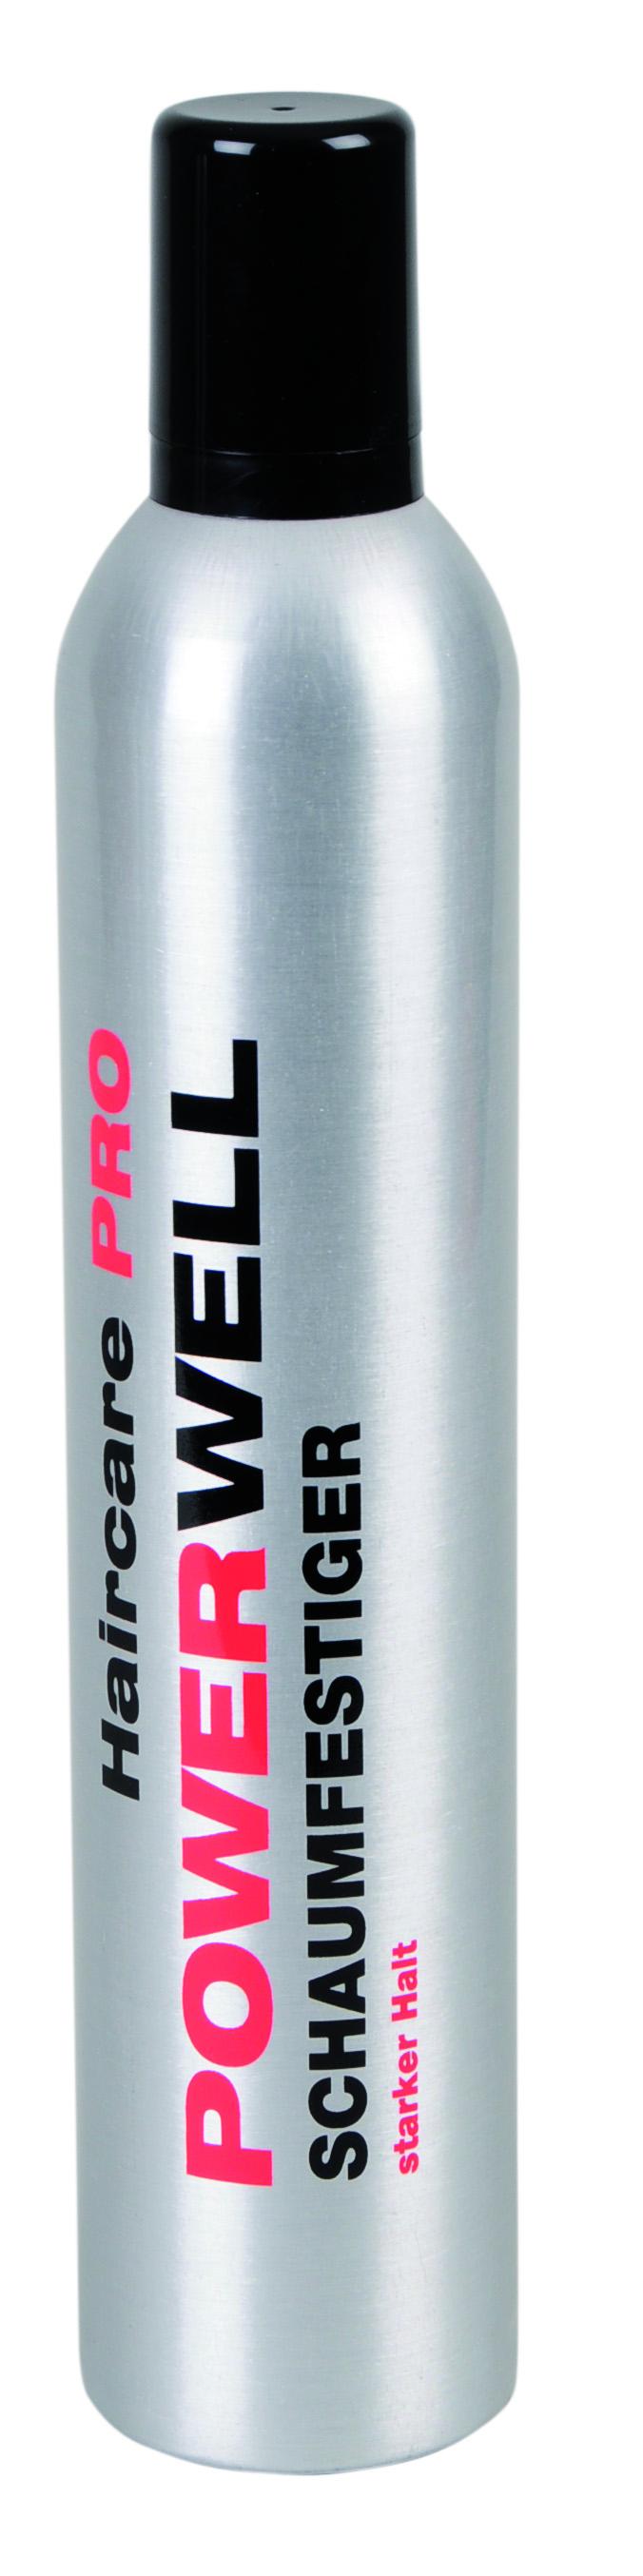 POWERWELL Schaumfestiger starker Halt 500 ml